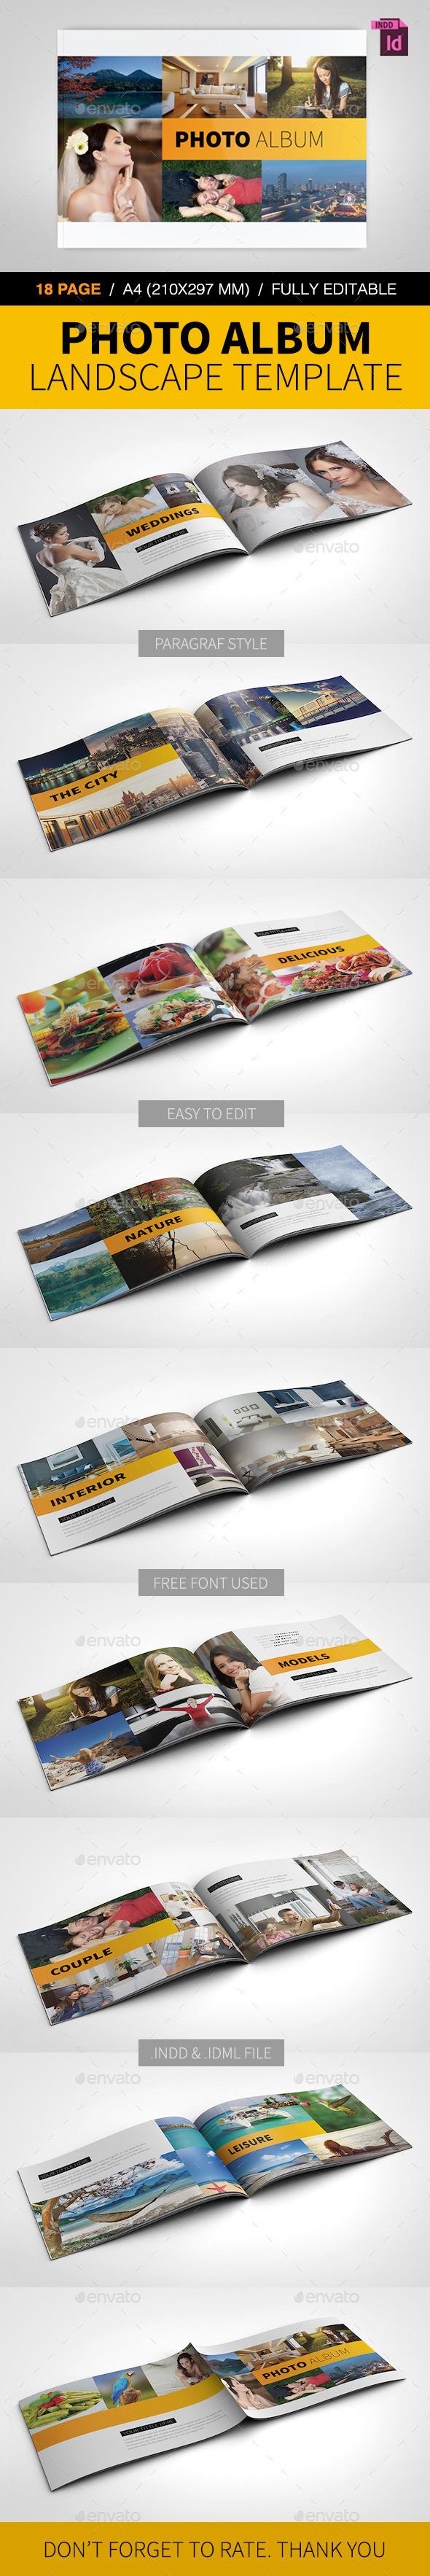 Photo Album Landscape Template - Photo Albums Print Templates